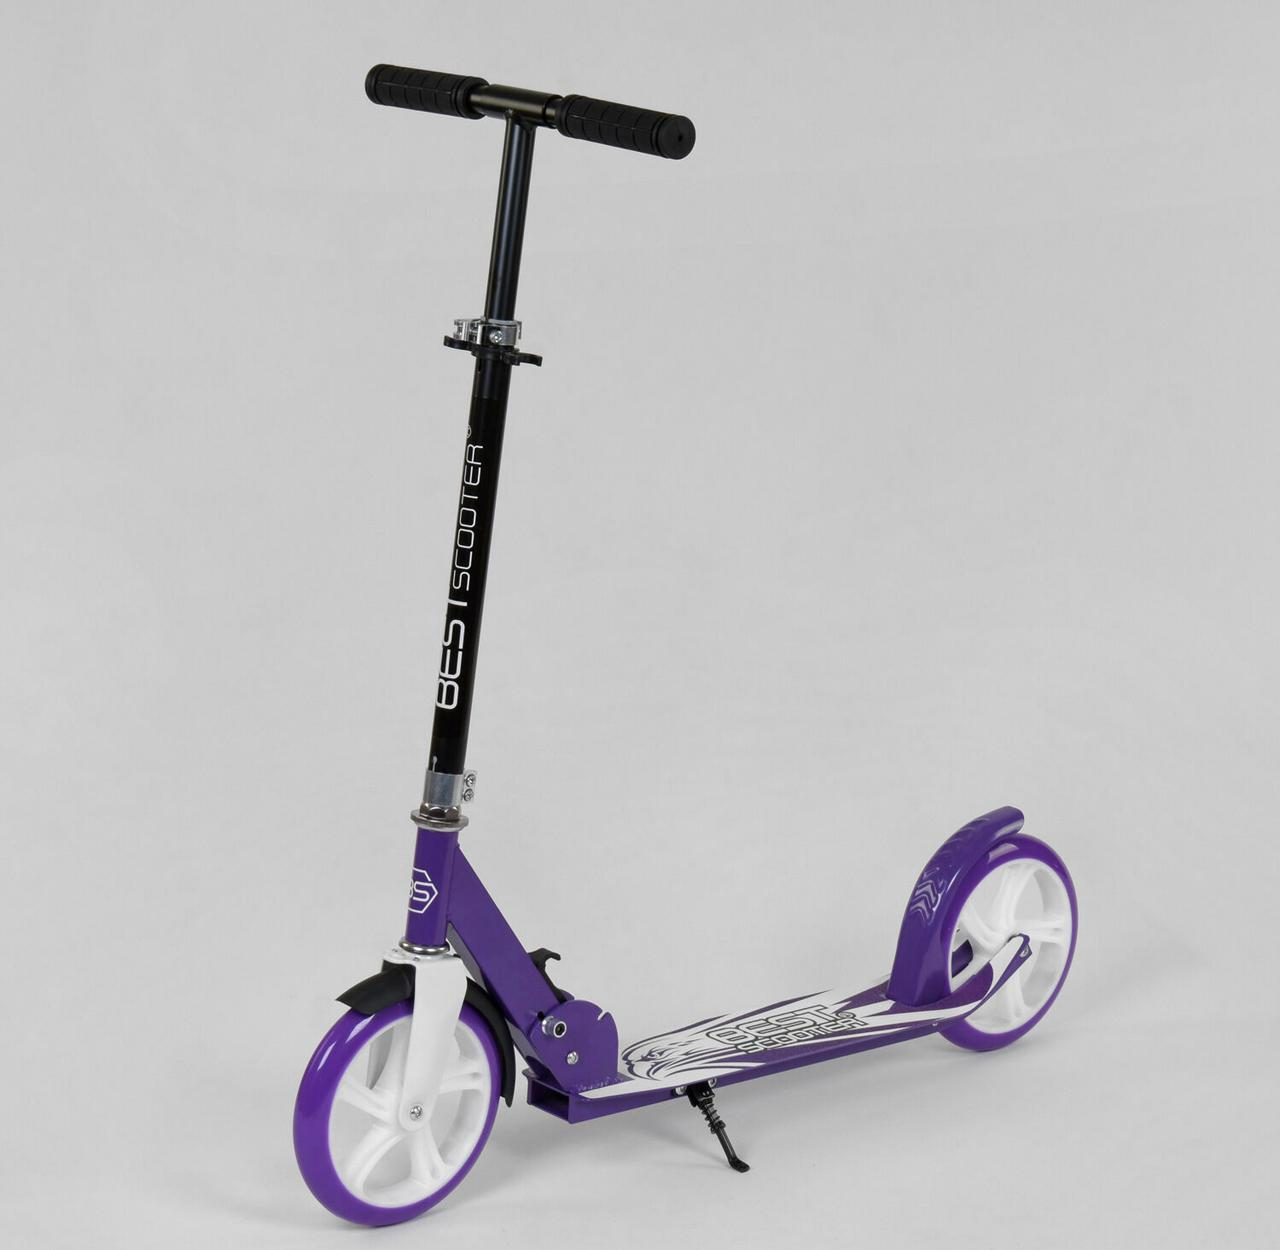 Двоколісний Самокат Best Scooter, Фіолетовий, кольорові колеса PU - 20 см, затиск керма, довжина дошки 53 см